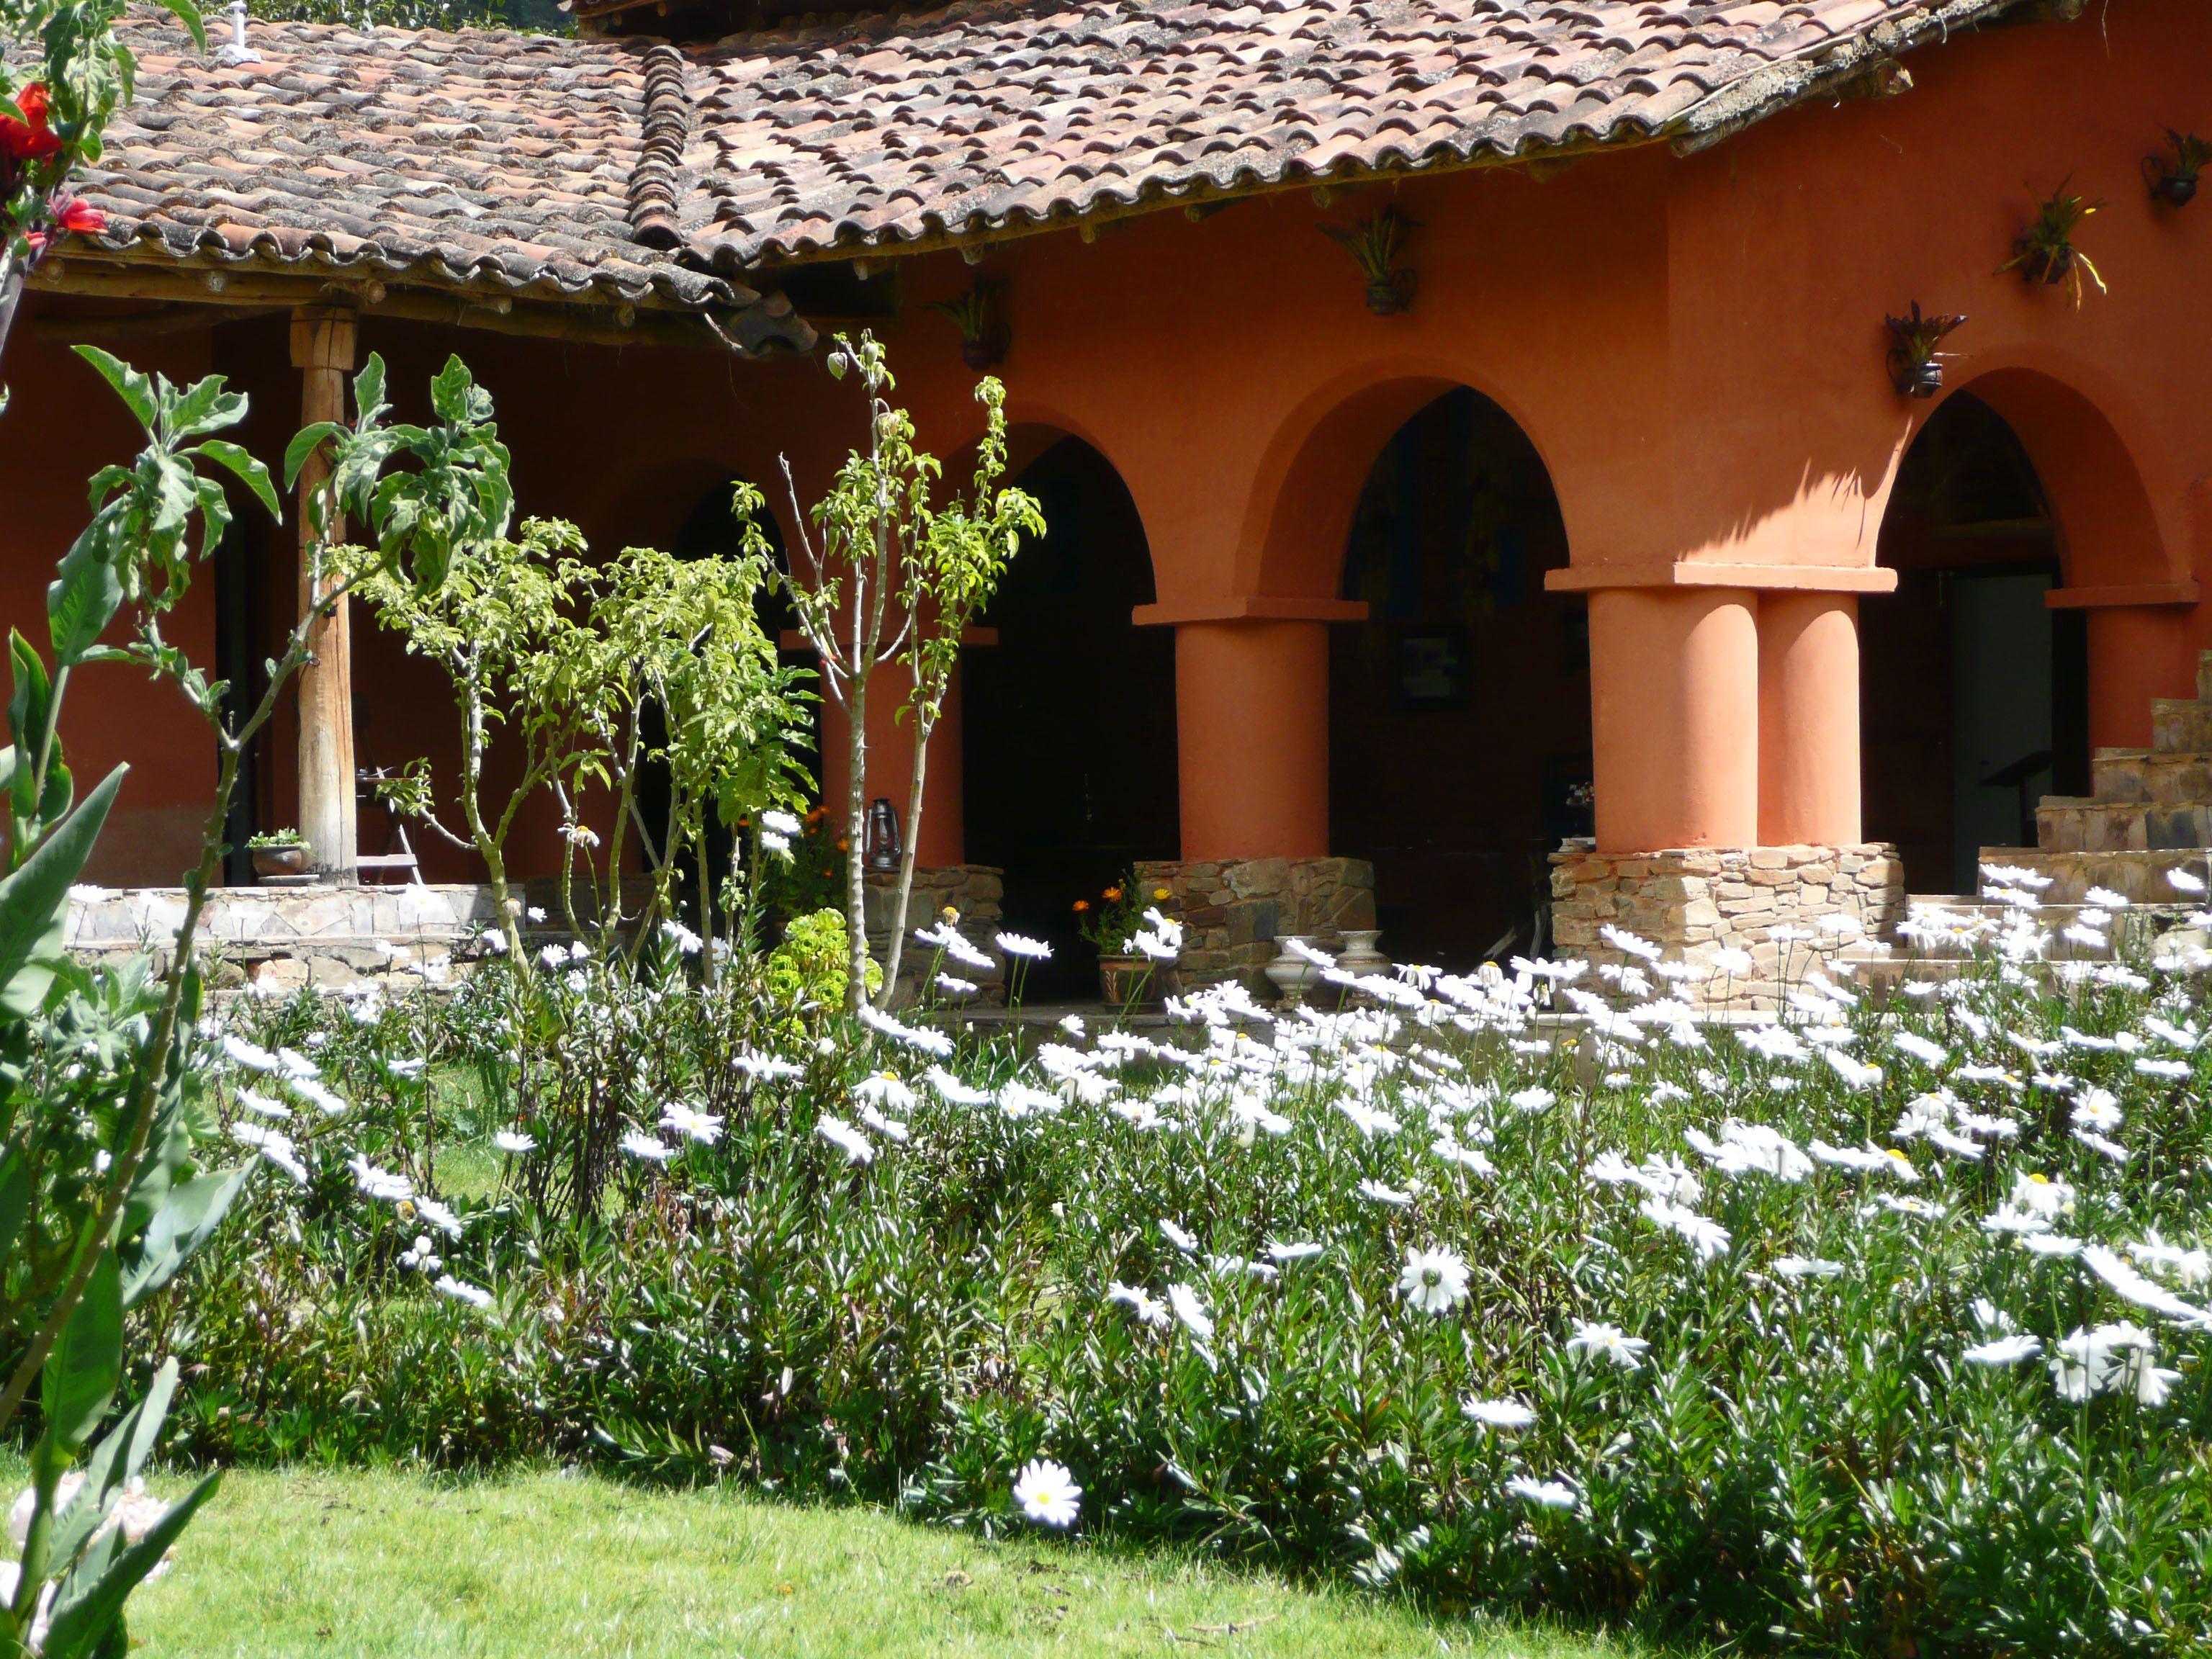 Hermosa Casa Hacienda, tiene las paredes pintadas con arcillas locales